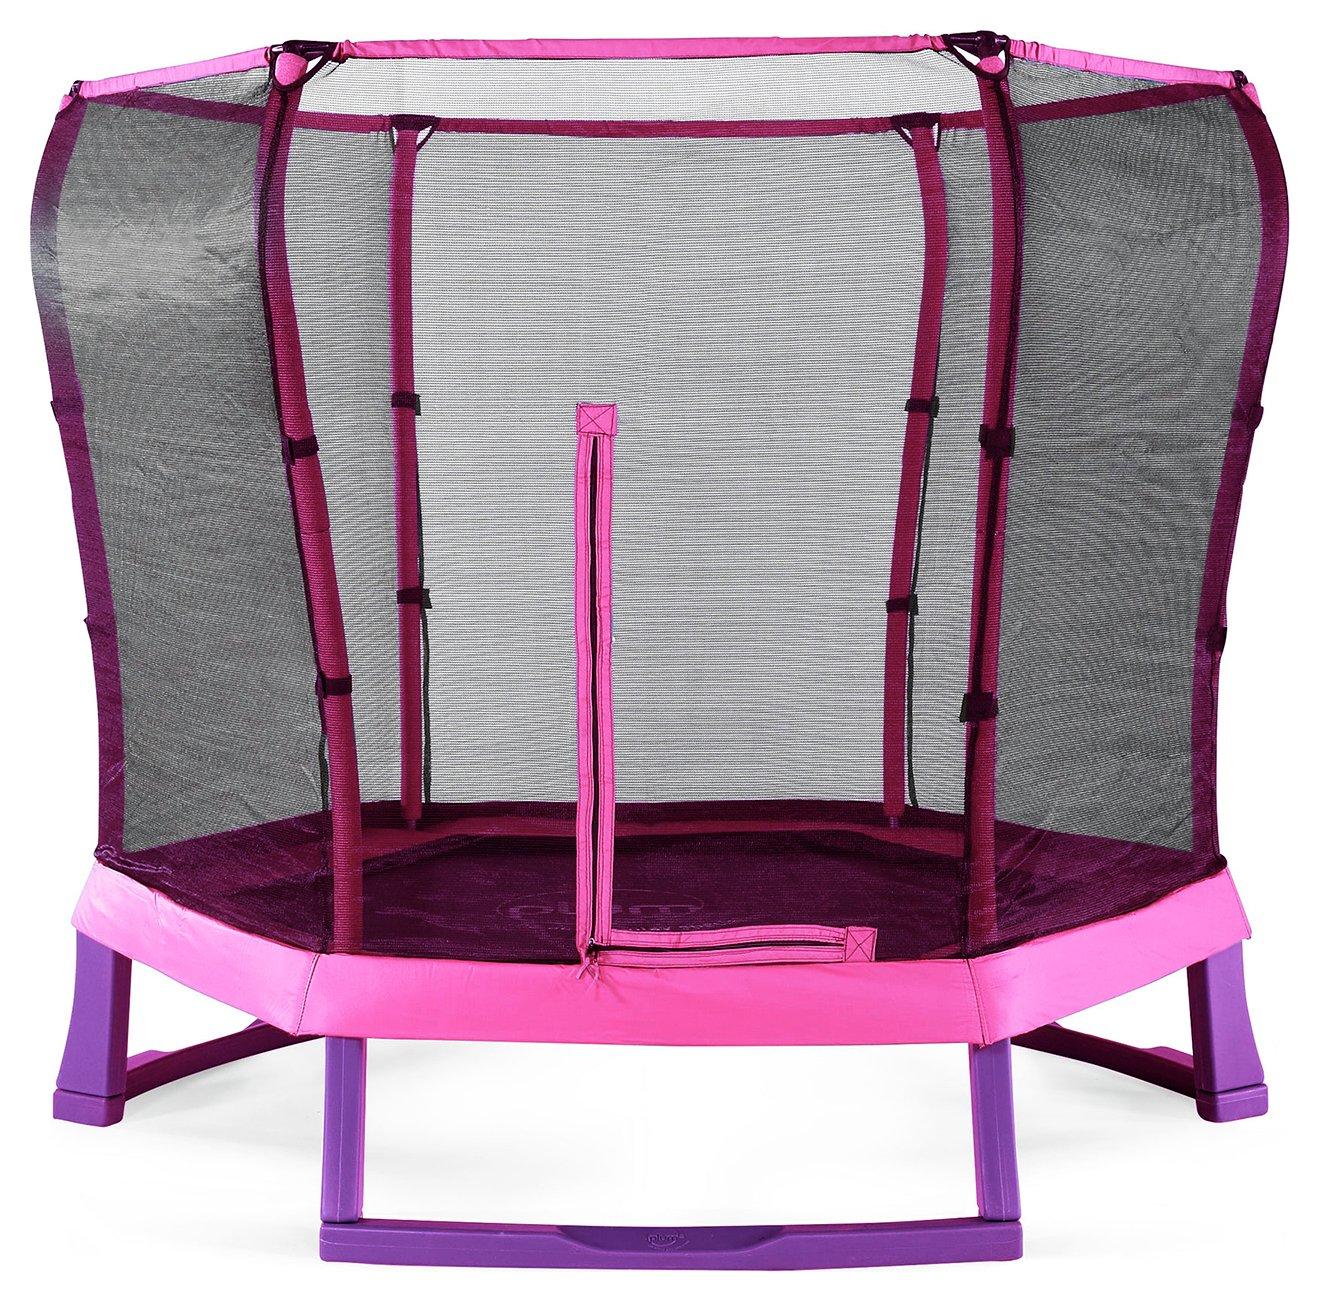 Plum - Products 7ft Junior Jumper - Trampoline & Enclosure